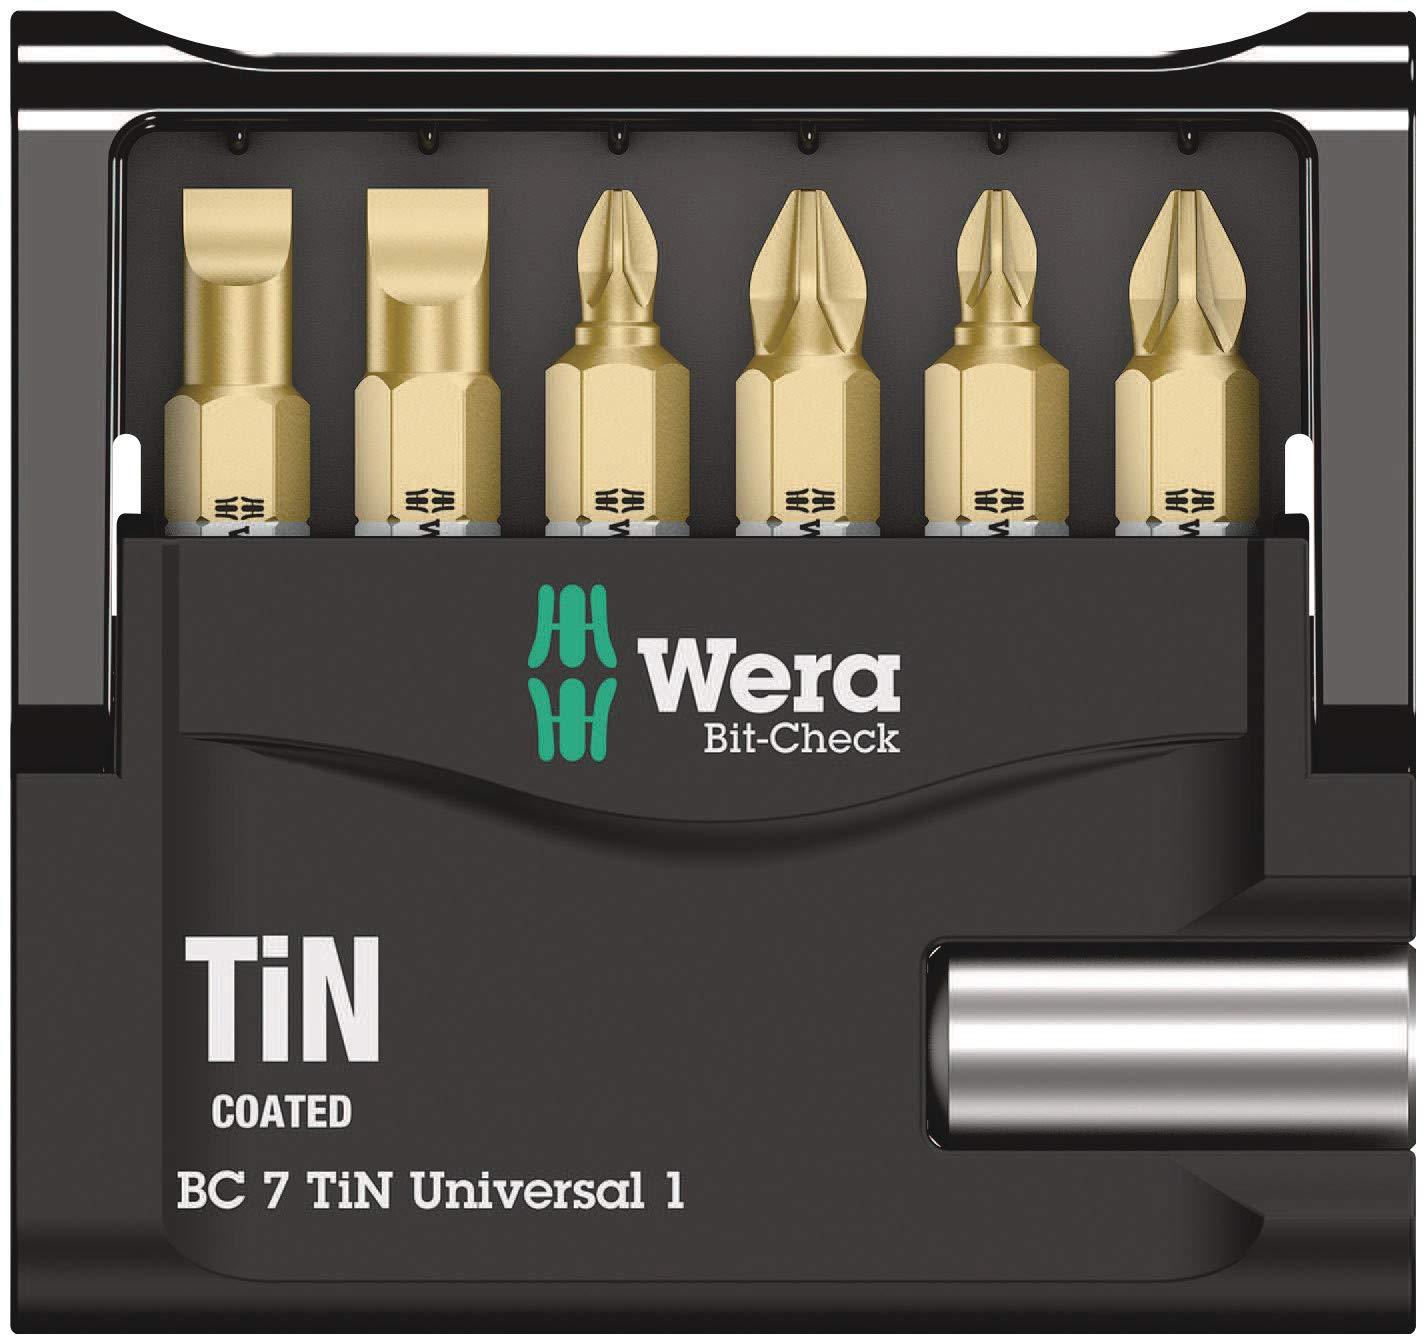 Wera Set de puntas industriales Mini-Check TiN SB de 7 Pz.